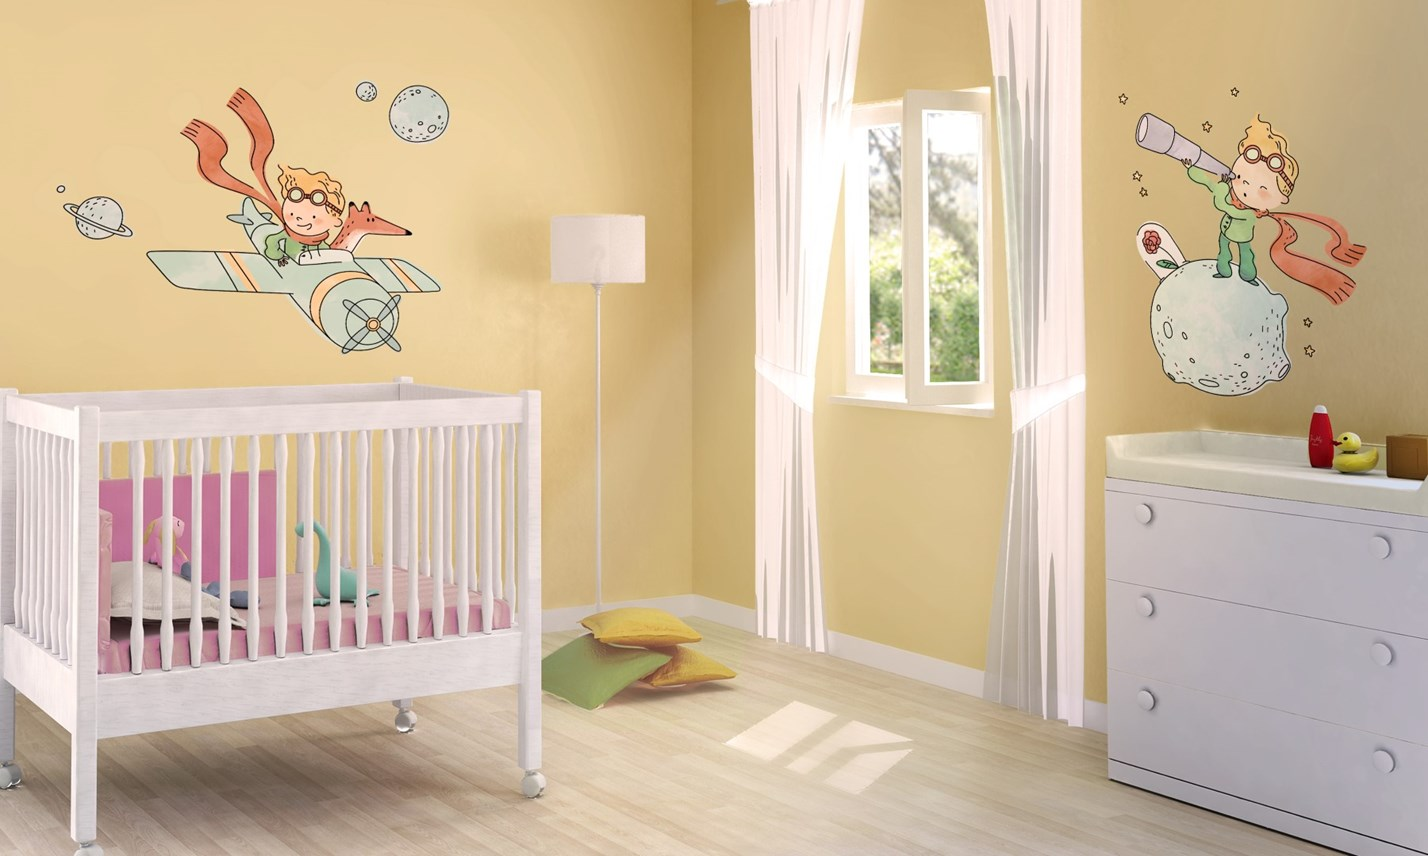 Stickers murali bambini cameretta il piccolo principe - Adesivi per cameretta bambini ...